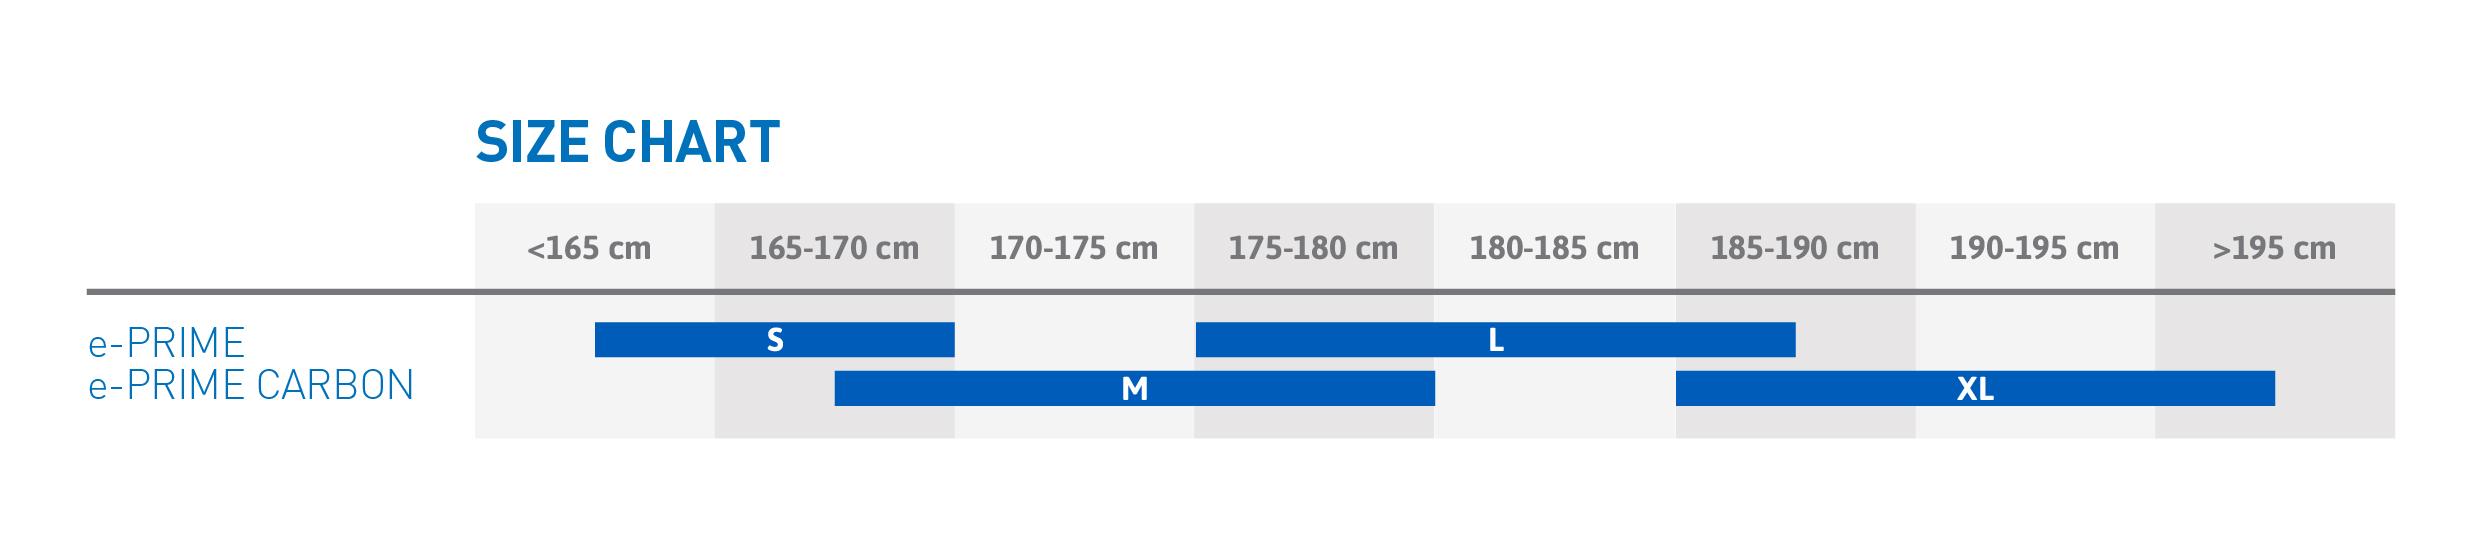 Veľkostná tabuľka - Mondraker PRIME